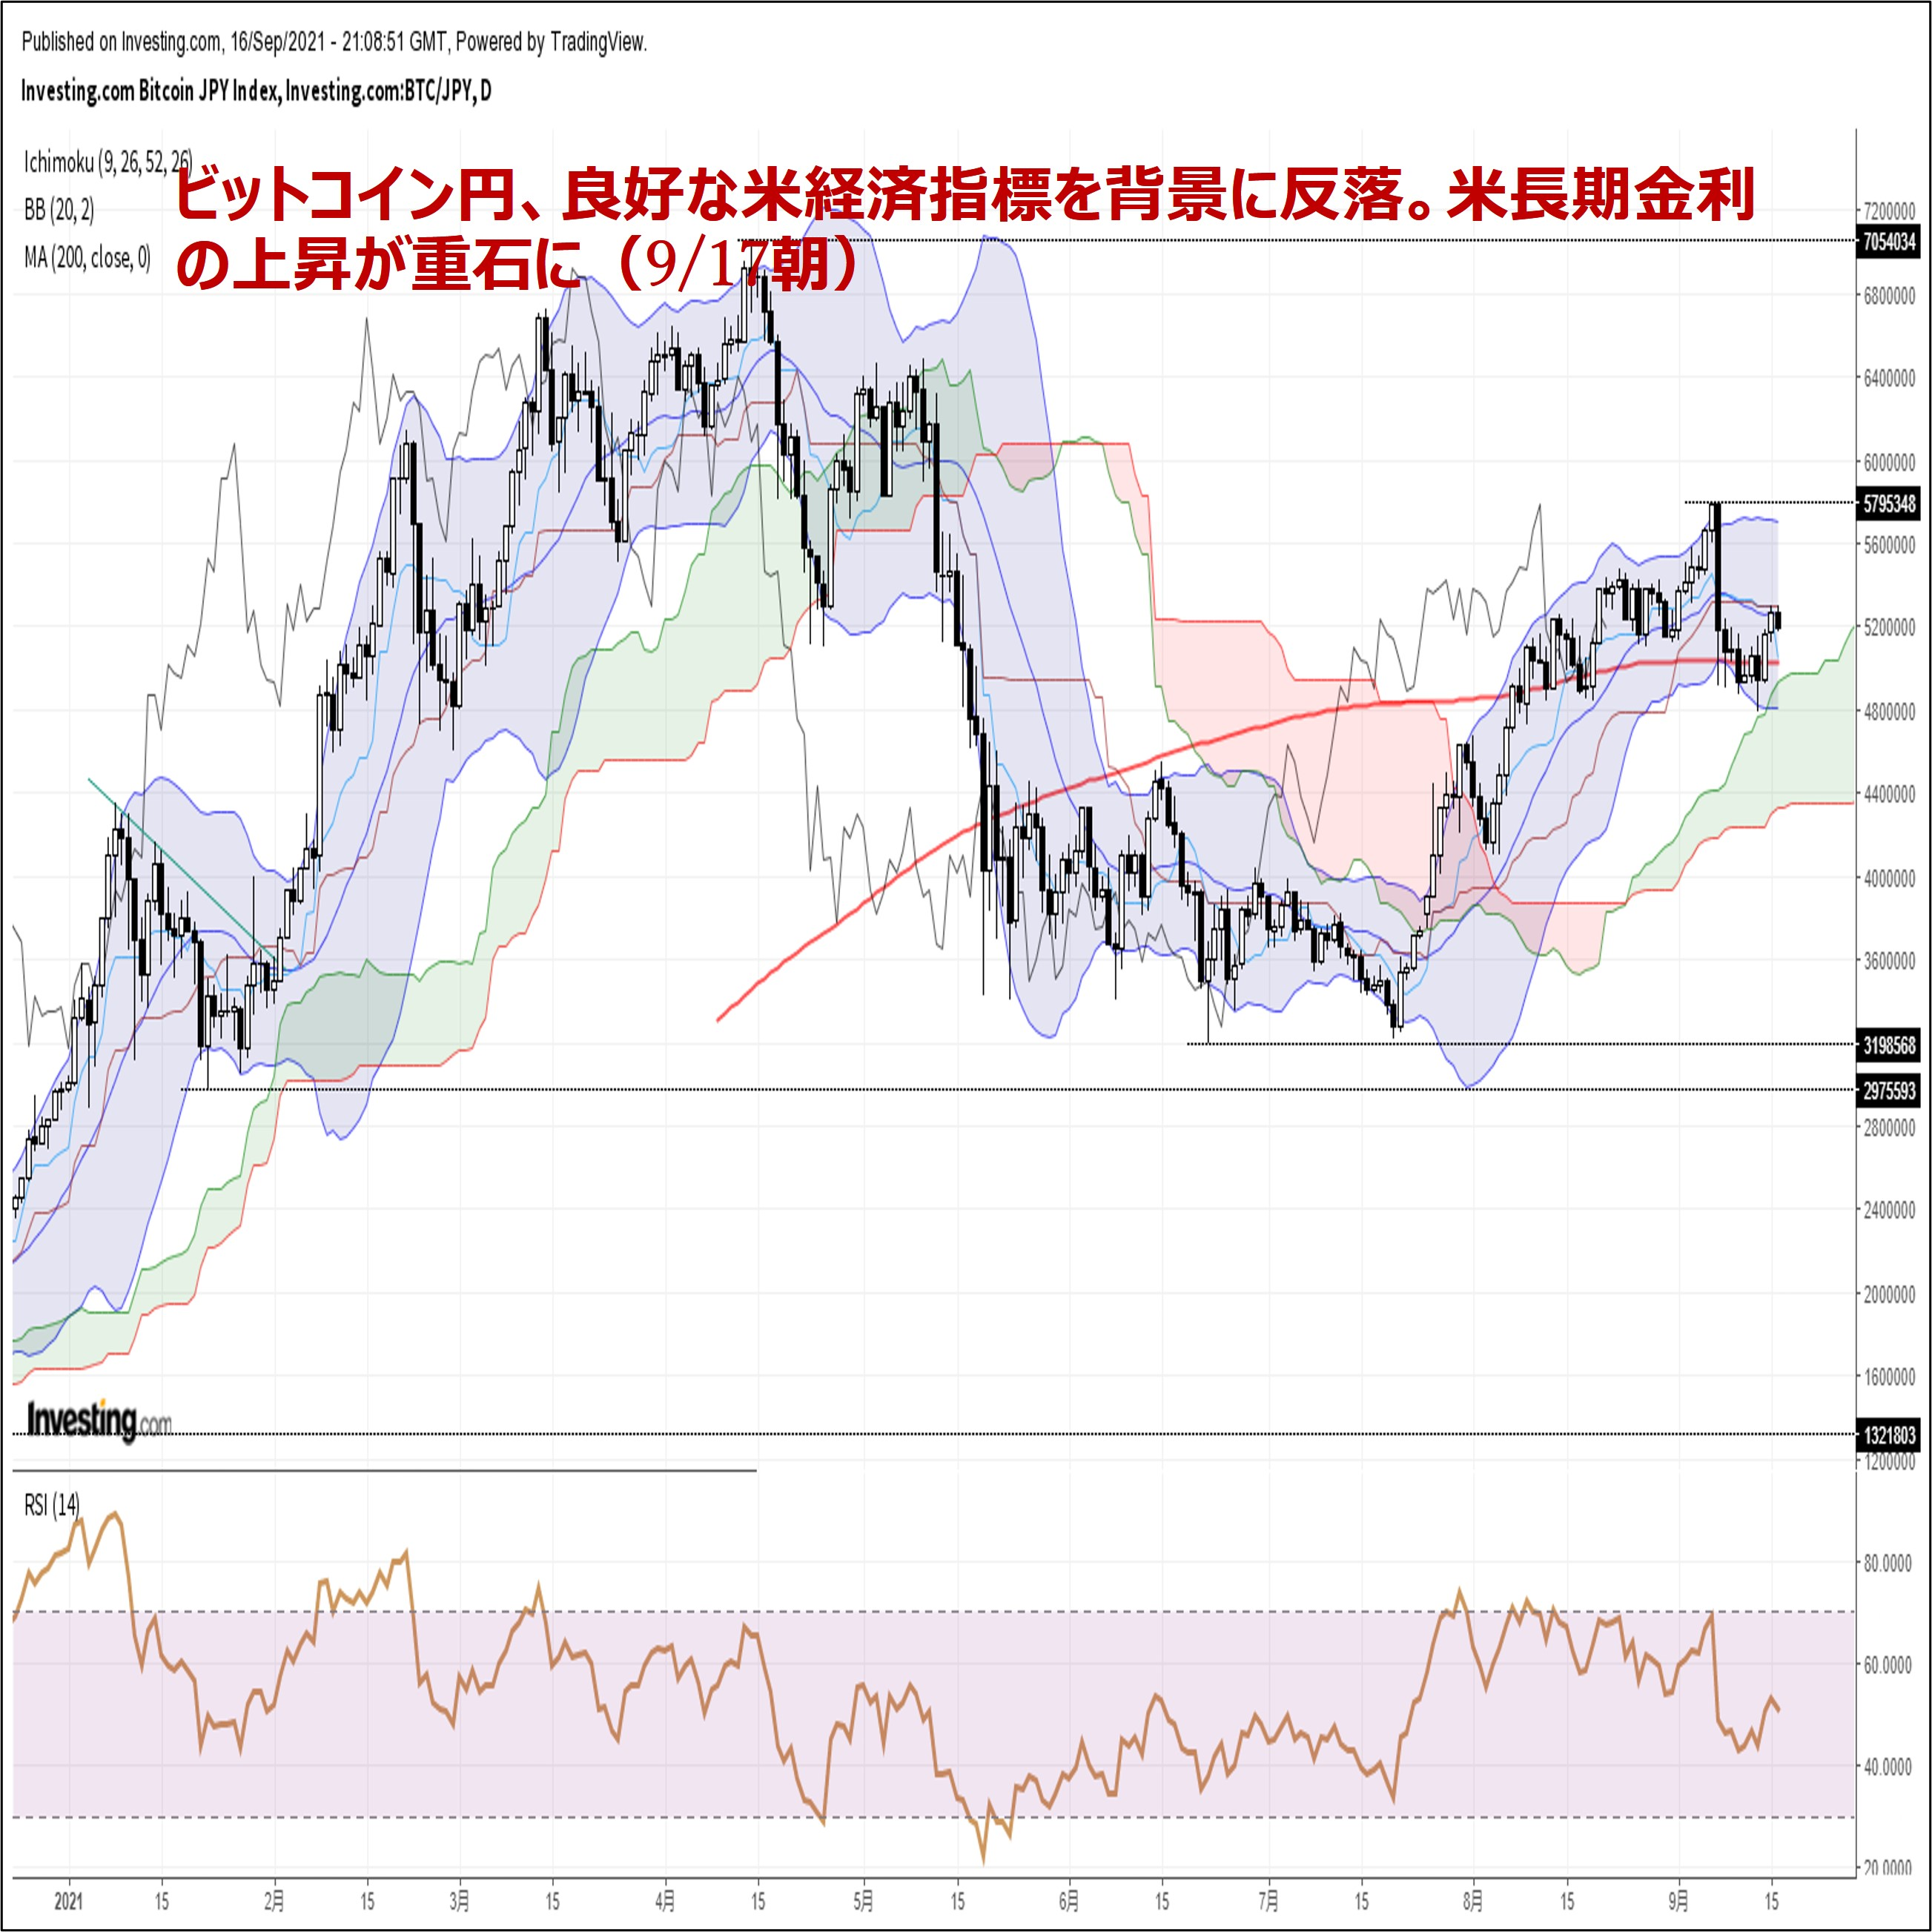 ビットコイン円、良好な米経済指標を背景に反落。米長期金利の上昇が重石に(9/17朝)